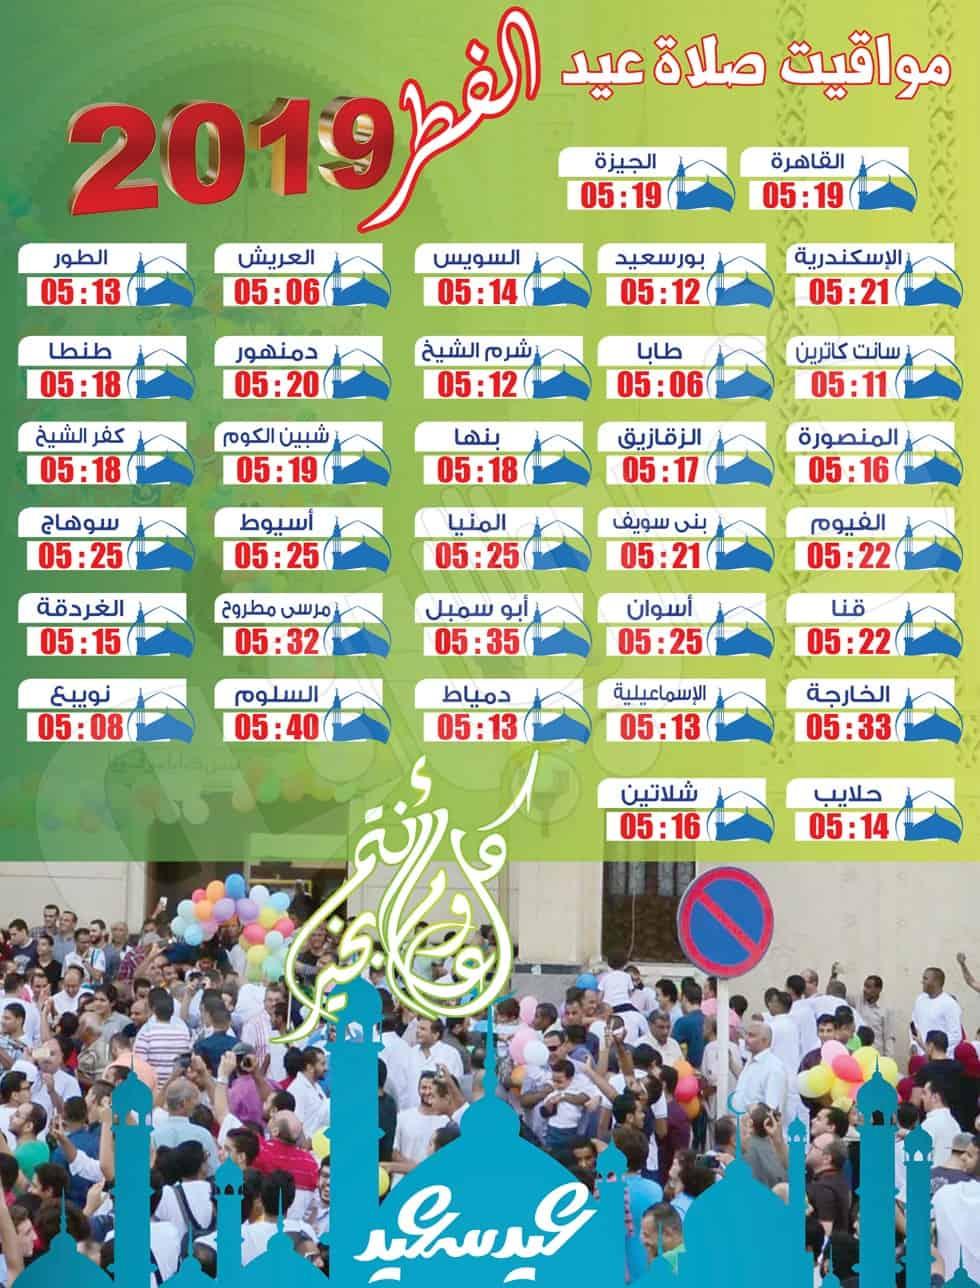 موعد صلاة العيد في مصر